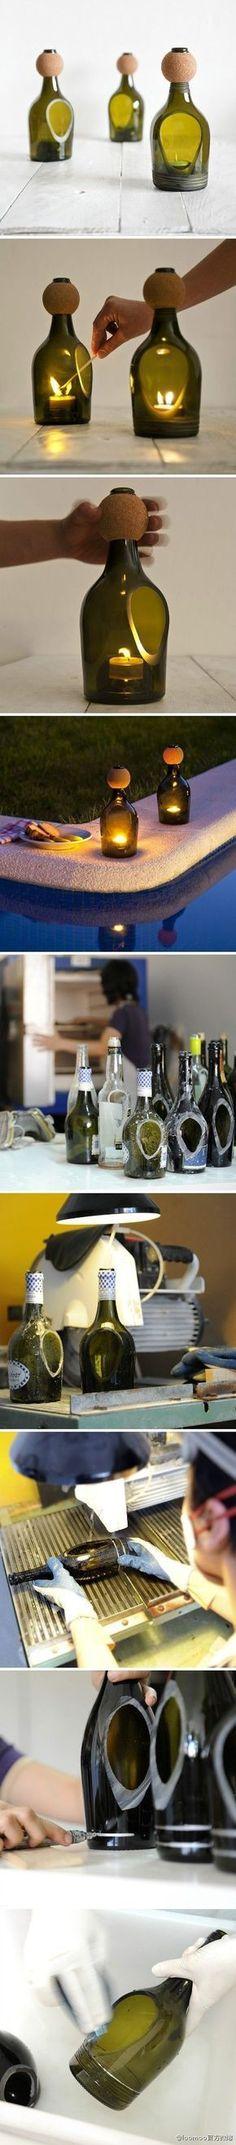 Vin simple bricolage bouteilles Lumières